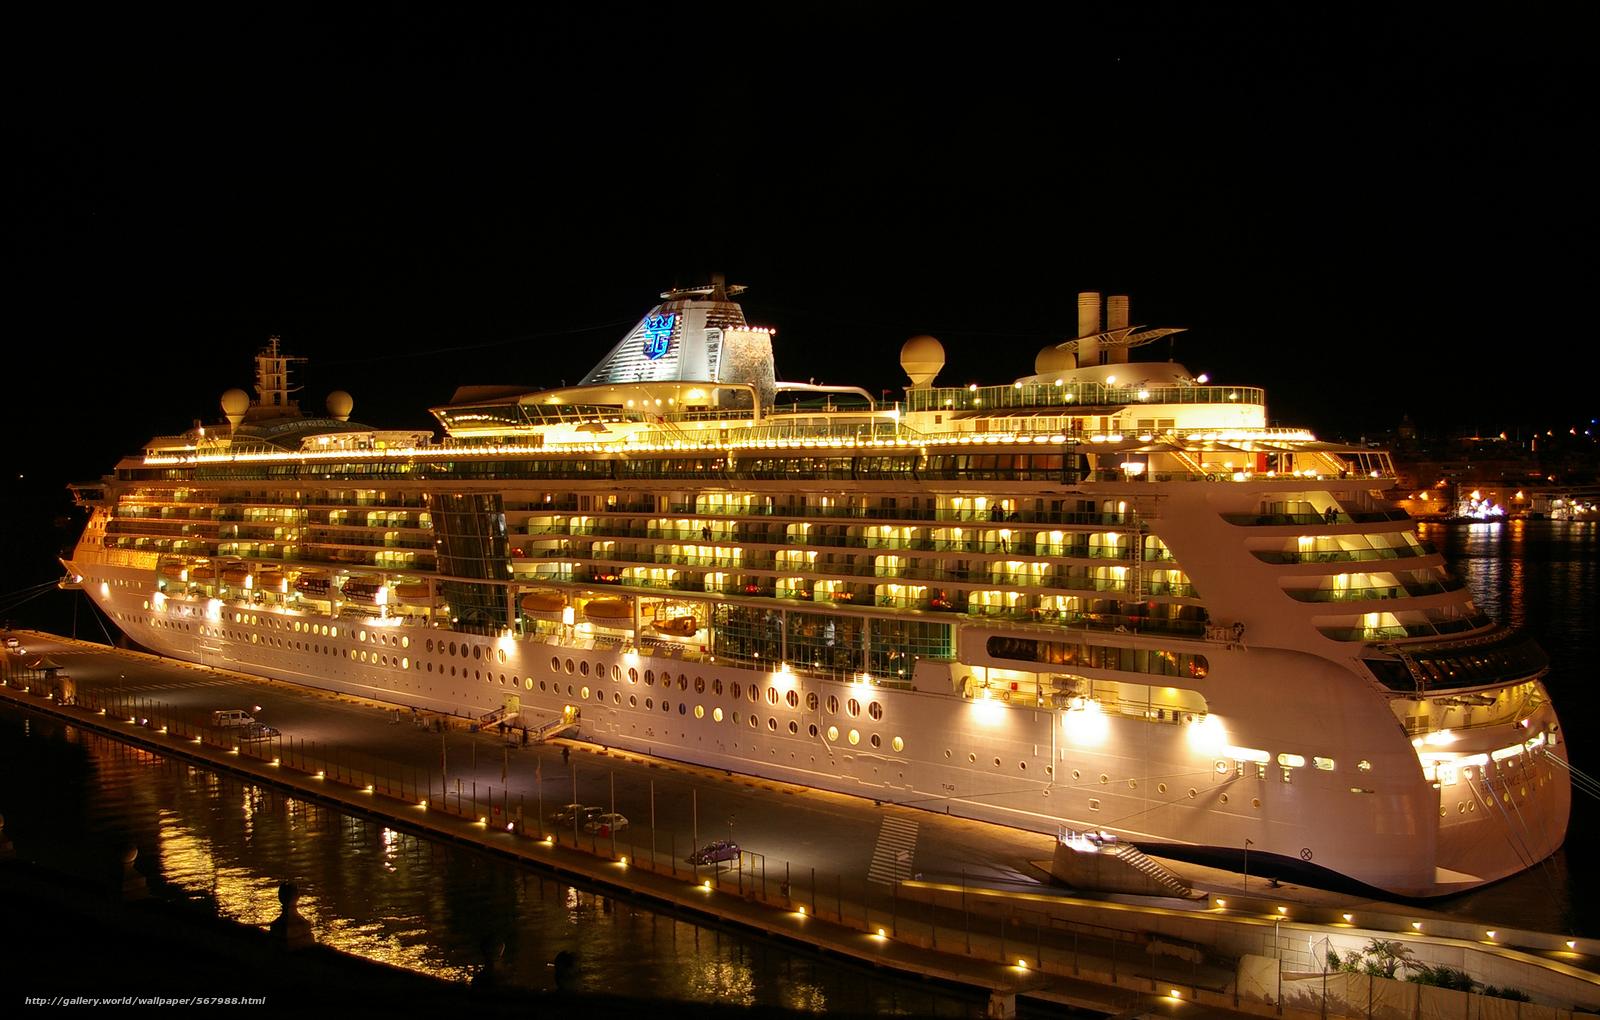 scaricare gli sfondi Royal Caribbean nave da crociera Brilliance of 1600x1020